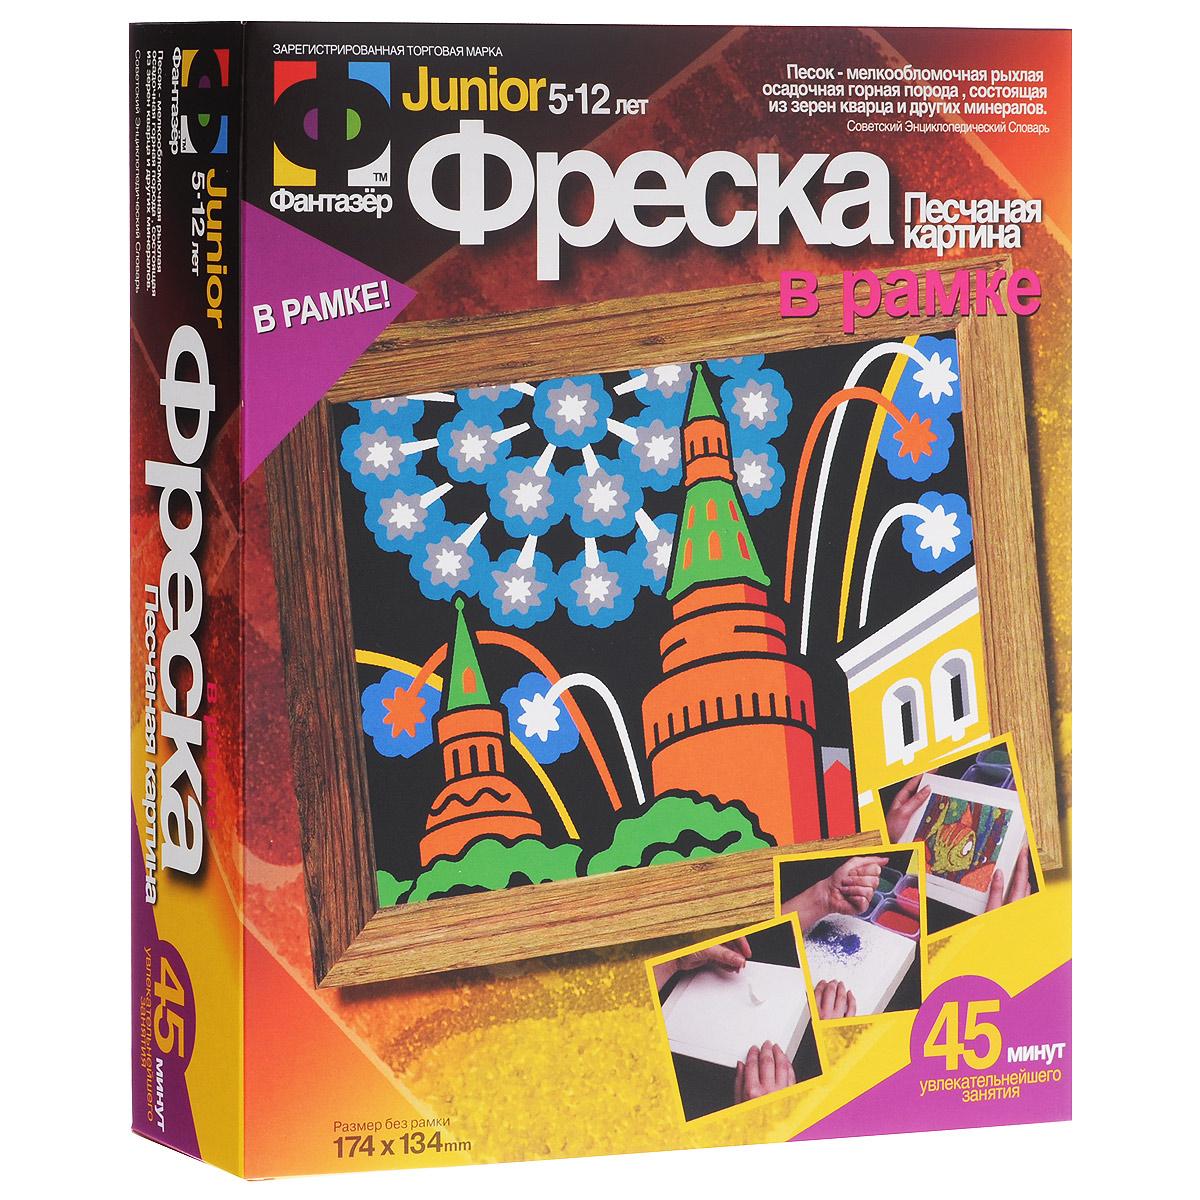 """С набором для создания фрески Фантазер """"Кремль"""" ваш ребенок сможет изготовить удивительную картину из цветного песка! В набор входят: кварцевый песок 9 цветов (зеленый, бирюзовый, синий, желтый, красный, оранжевый, черный, белый, серый), специальная трехслойная основа, заготовка рамки, шаблон. Малыш без труда создаст необычную """"песчаную картину"""", которая будет отличным украшением комнаты или кабинета и объектом гордости вашего ребенка. Процесс создания картины из песка прост и увлекателен - достаточно отклеить защитный слой с каждого элемента и засыпать его песком разных цветов, ориентируясь на изображение на упаковке. Начинайте с песка черного цвета, переходя от темных оттенков к более светлым, от мелких элементов к более крупным. Готовую картинку с изображением великолепного Кремля можно оформить входящей в комплект сборной рамкой. Инструкция расположена на обратной стороне упаковки. Вас ждет интересное занятие и великолепный результат!"""